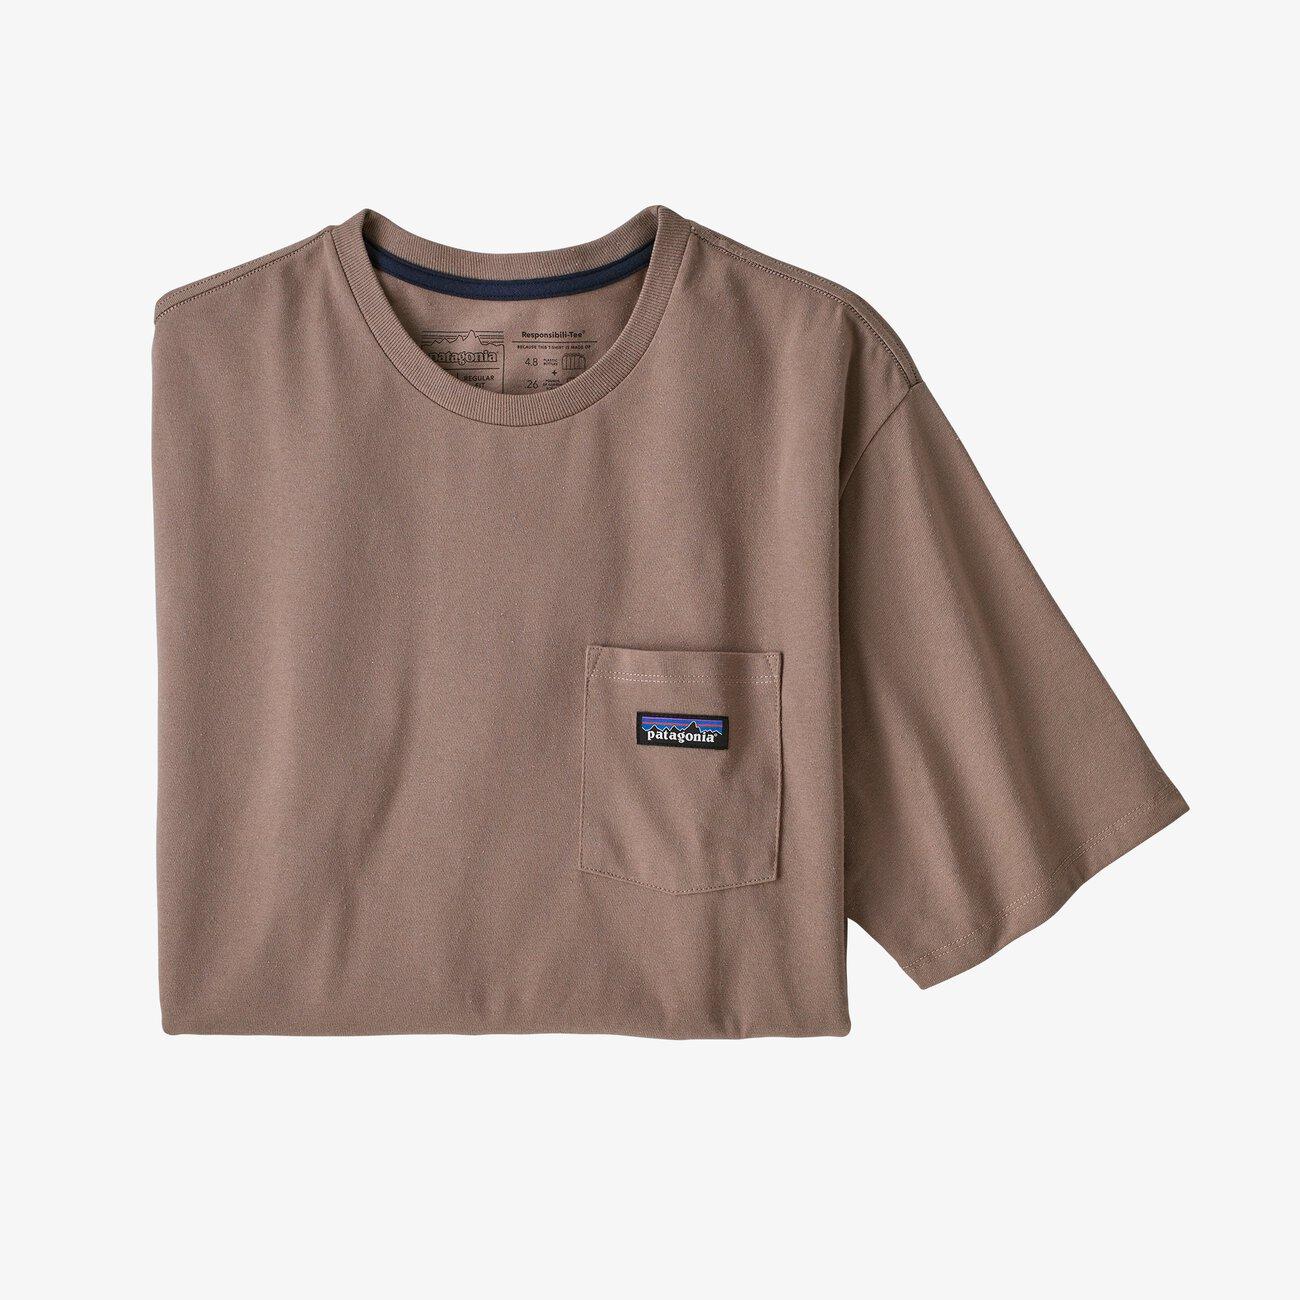 メンズ P-6ラベル ポケット レスポンシビリティー Patagonia パタゴニア Tシャツ #37406